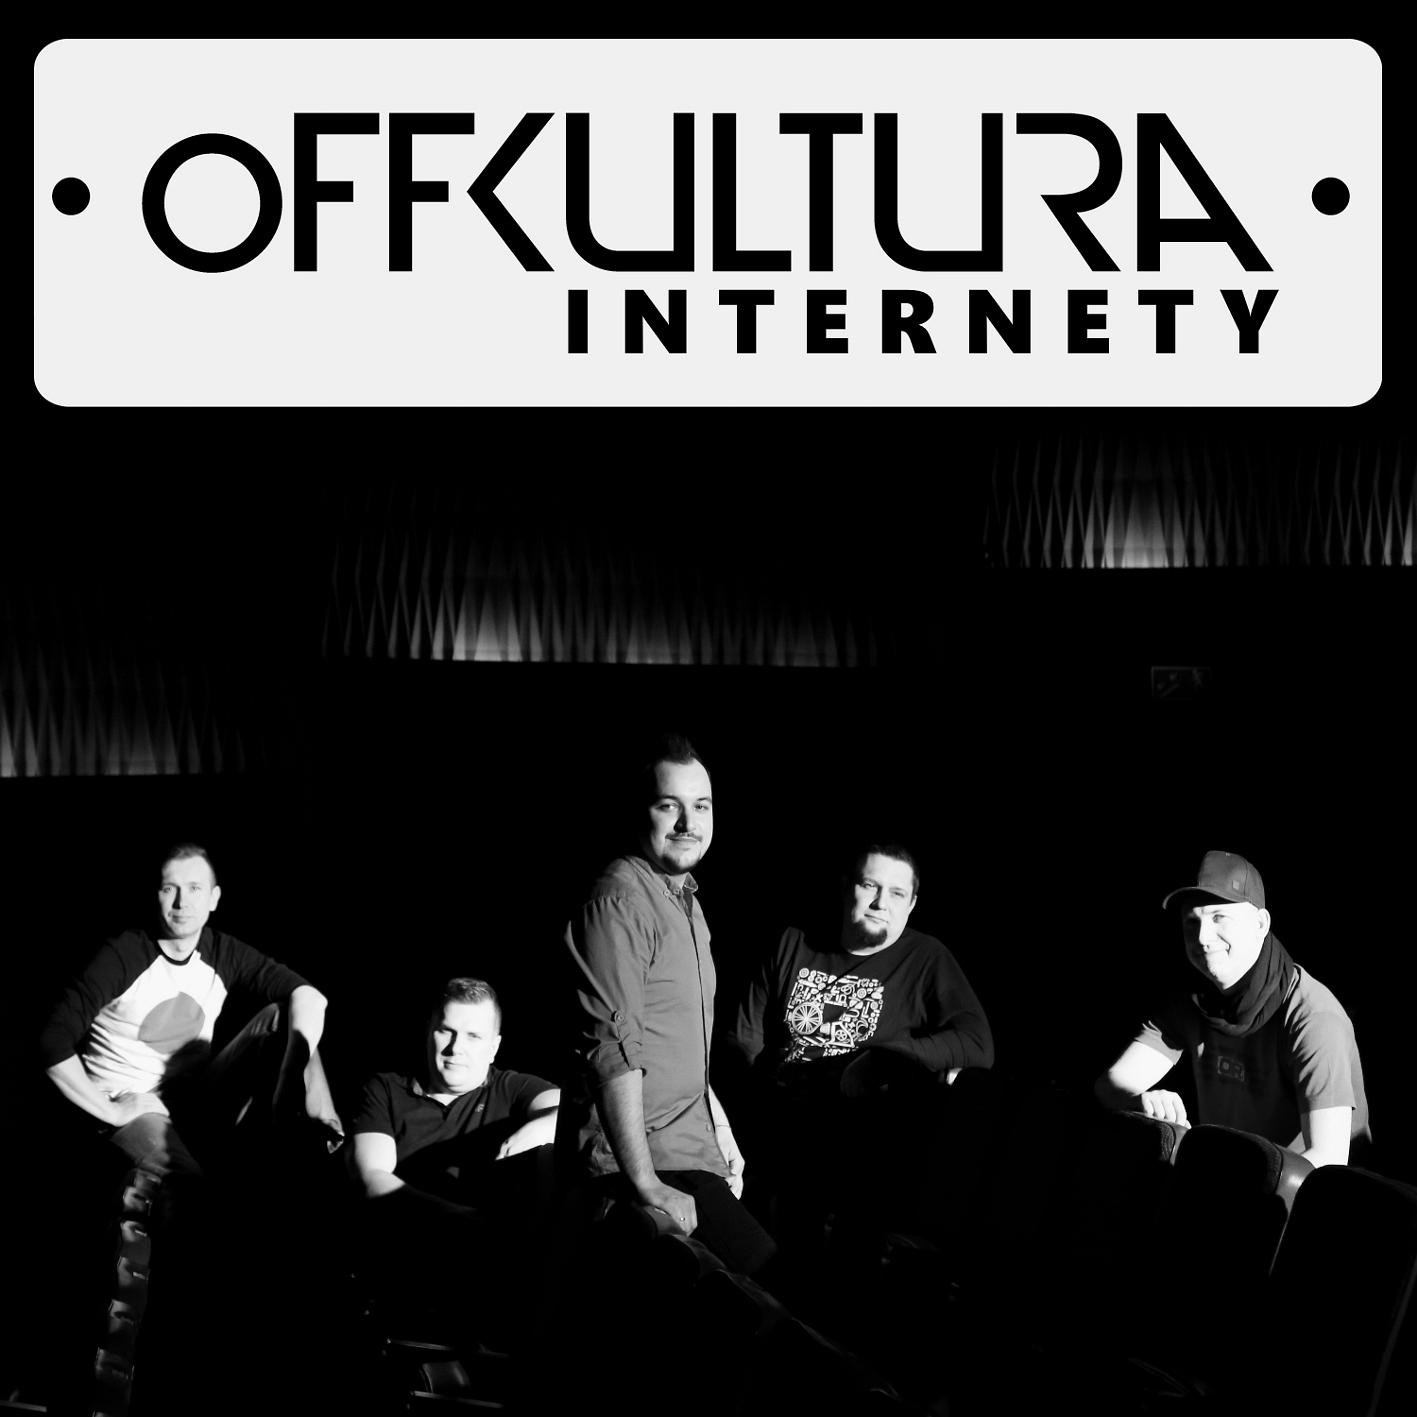 oFF KulturA bojkotuje internety!